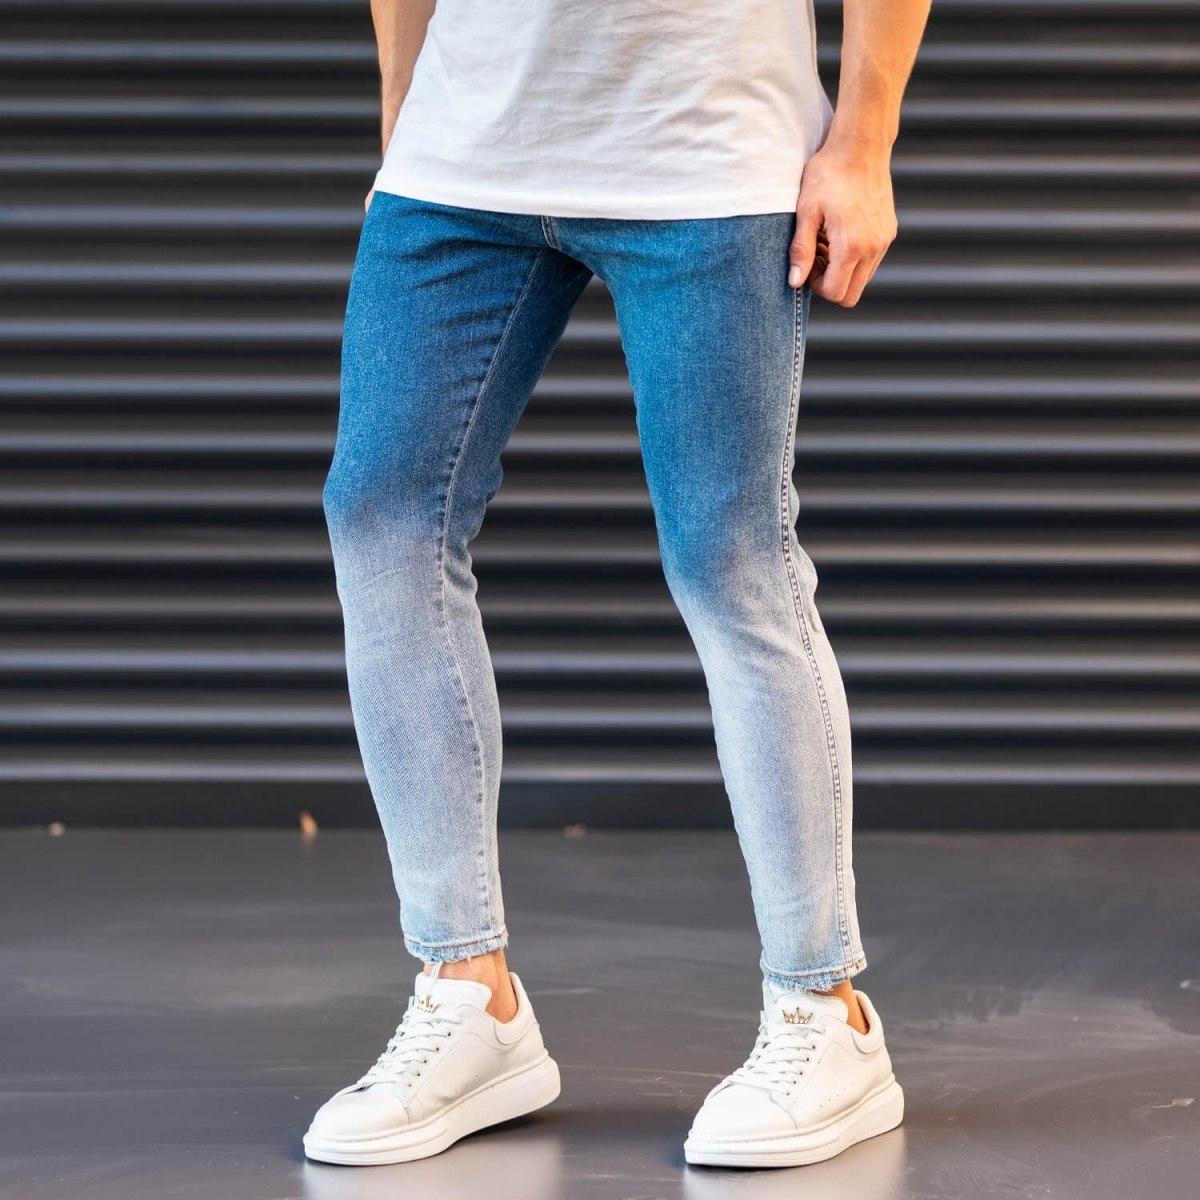 Men's Jeans In Denim&Powder Style Mv Premium Brand - 2